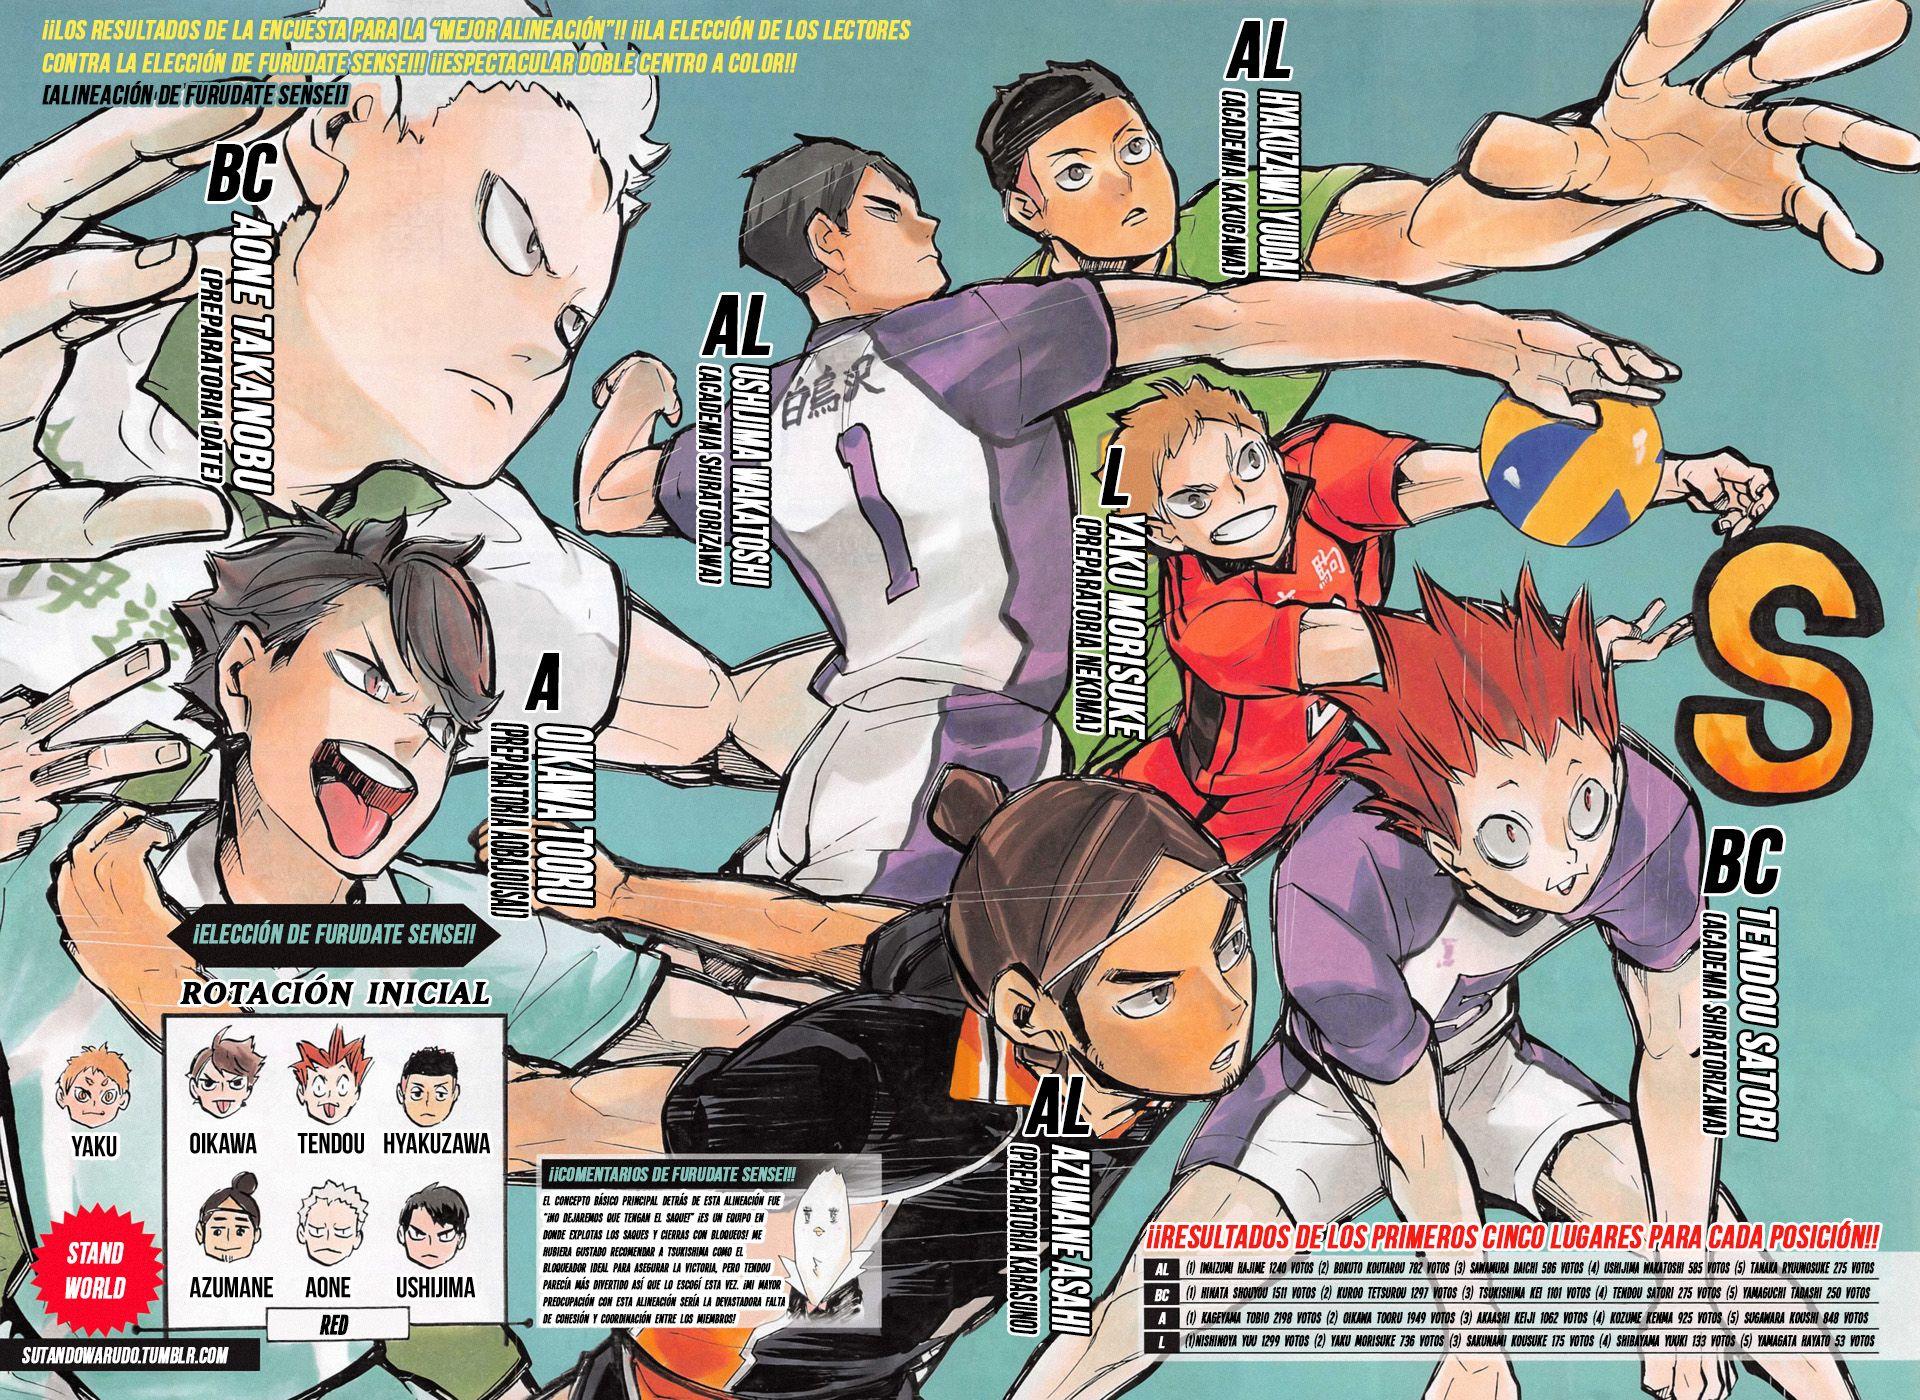 http://c5.ninemanga.com/es_manga/10/10/482839/1ad4dc0986f8e453fad705c87ed6dfda.jpg Page 4